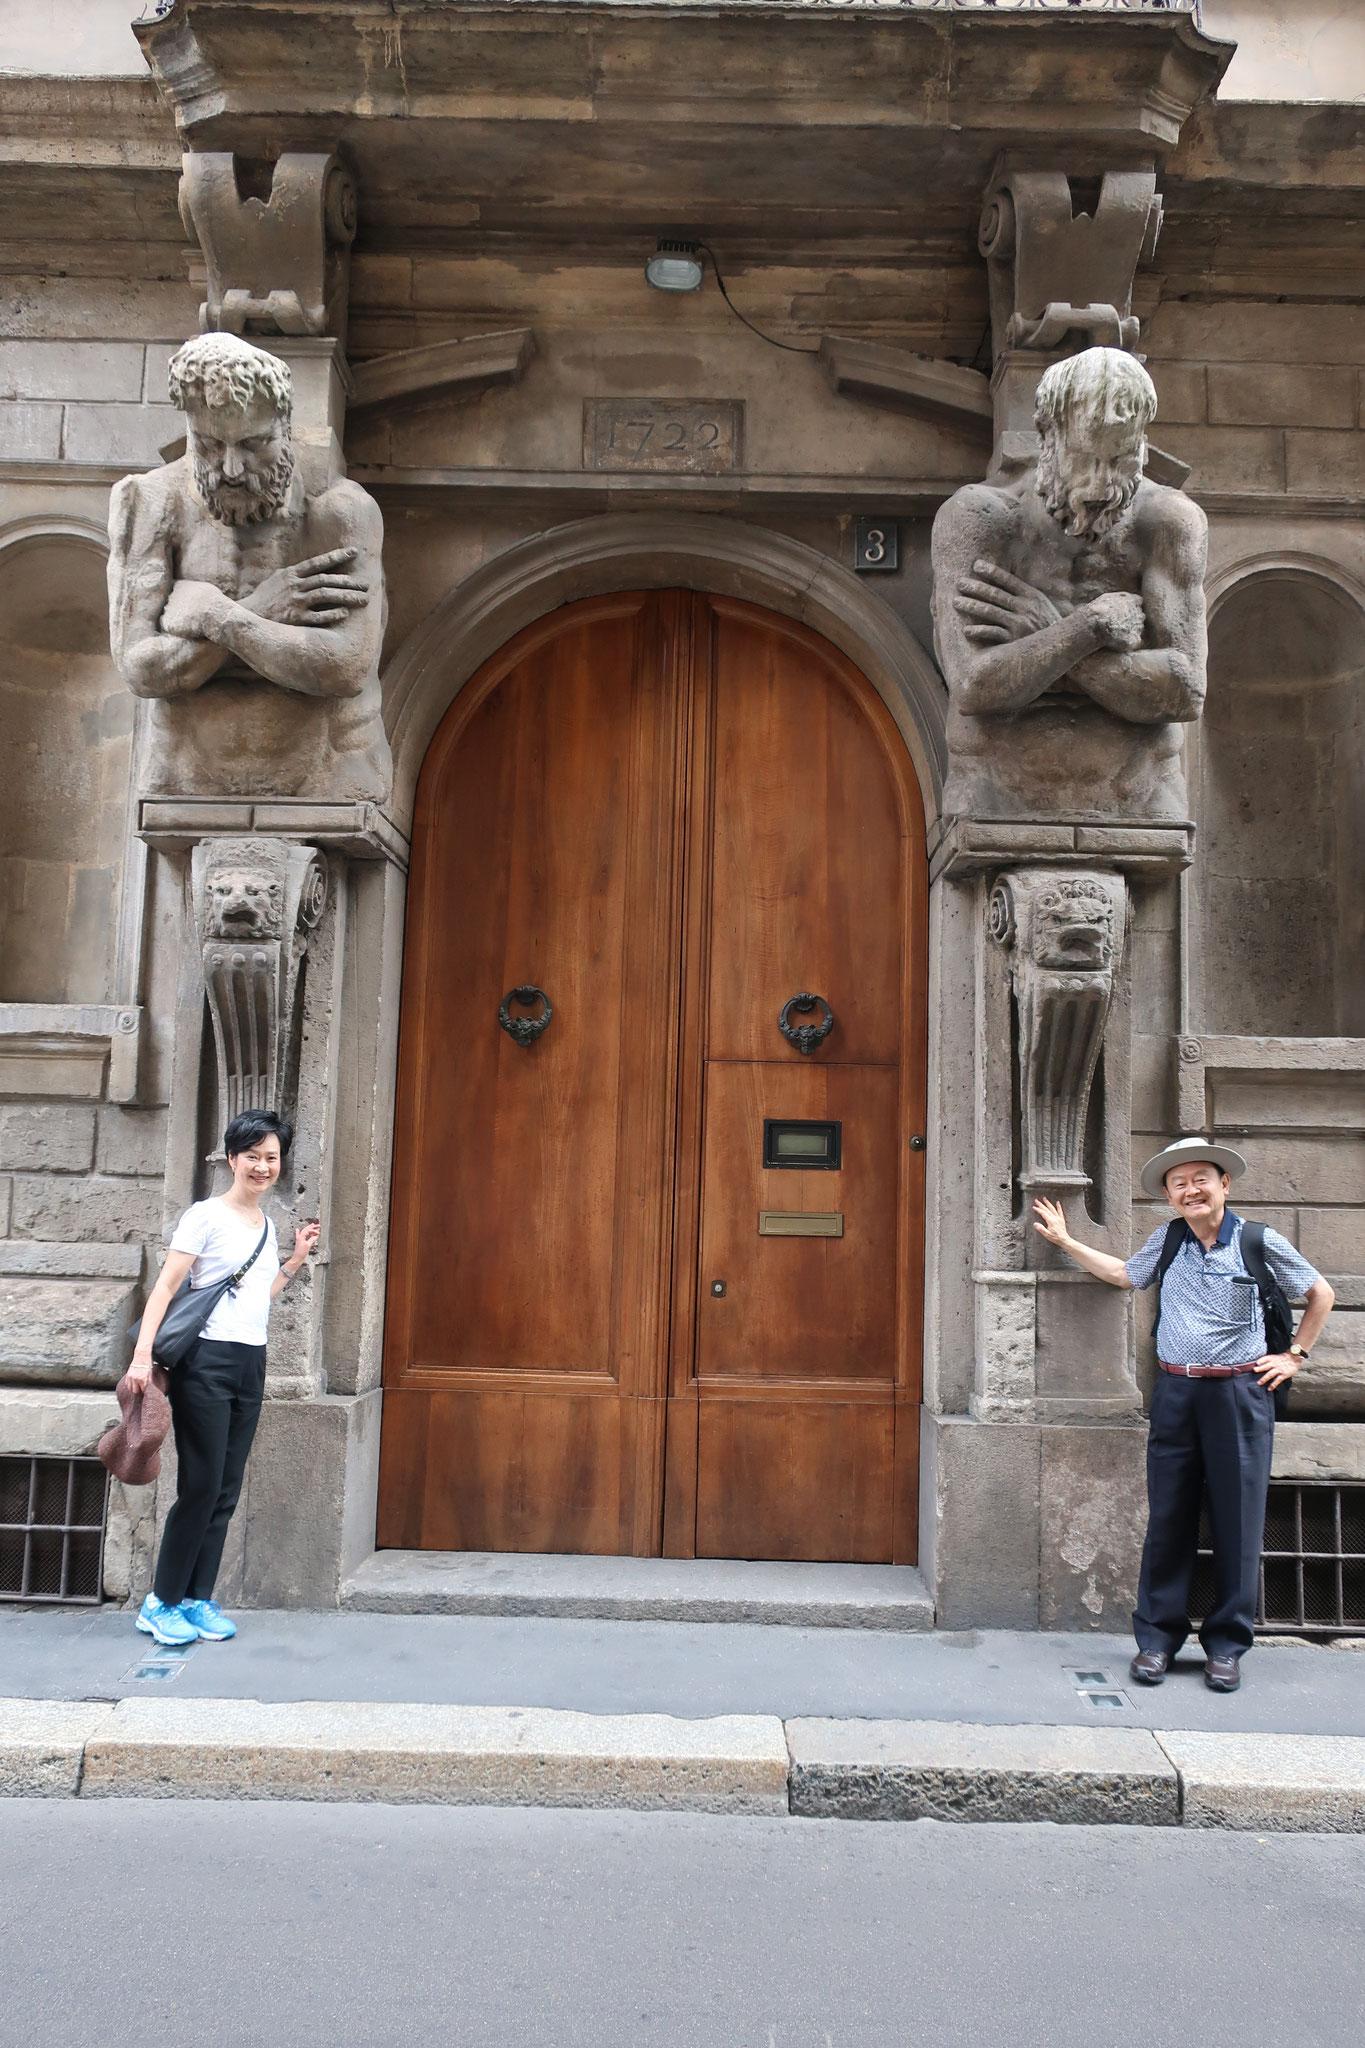 16世紀建築の邸宅。 建物は8体の「オメノーニ(巨人達)」で装飾されています。全員、実在した哲学者です。